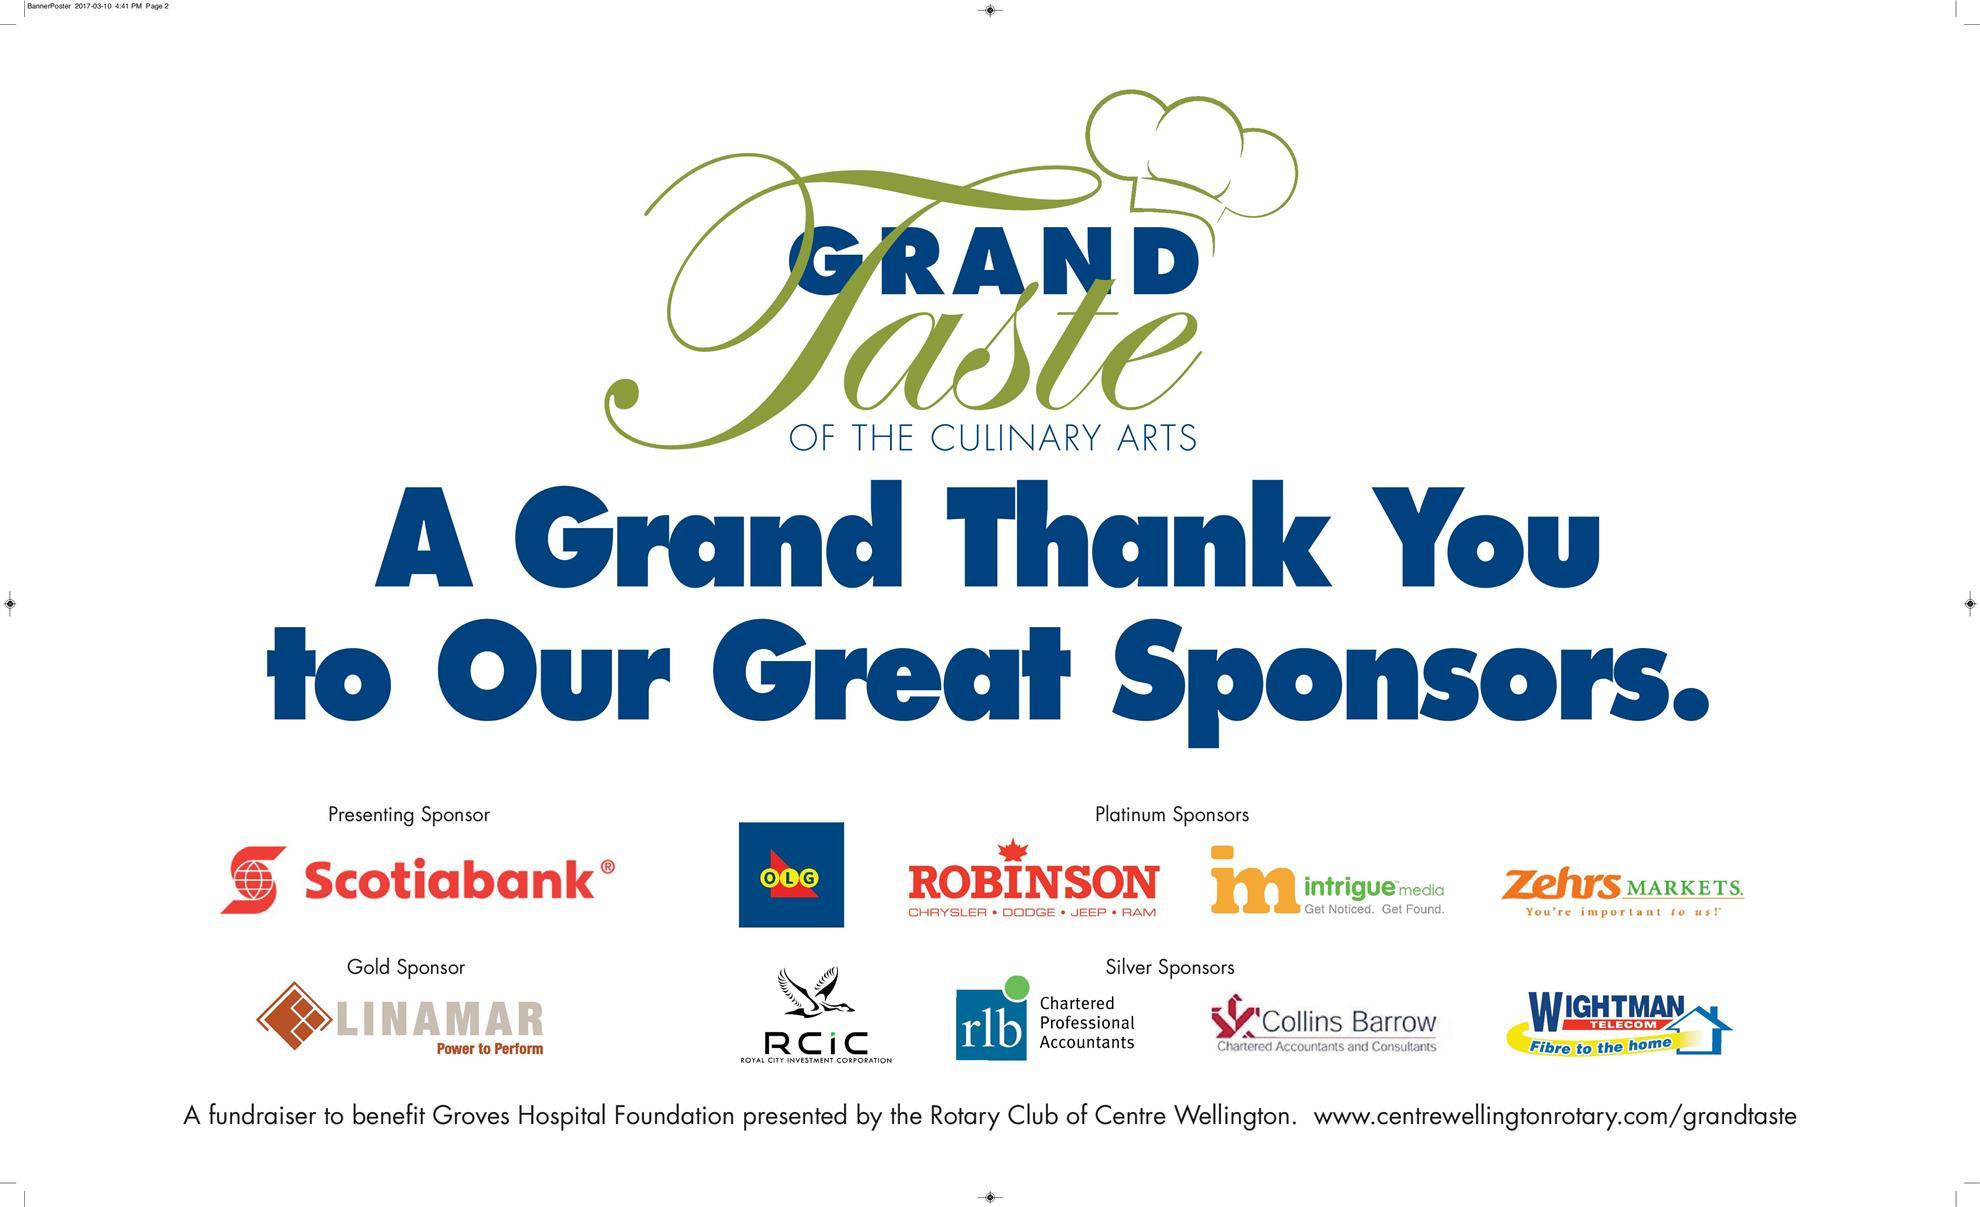 Grand Taste Sponsor Thank you